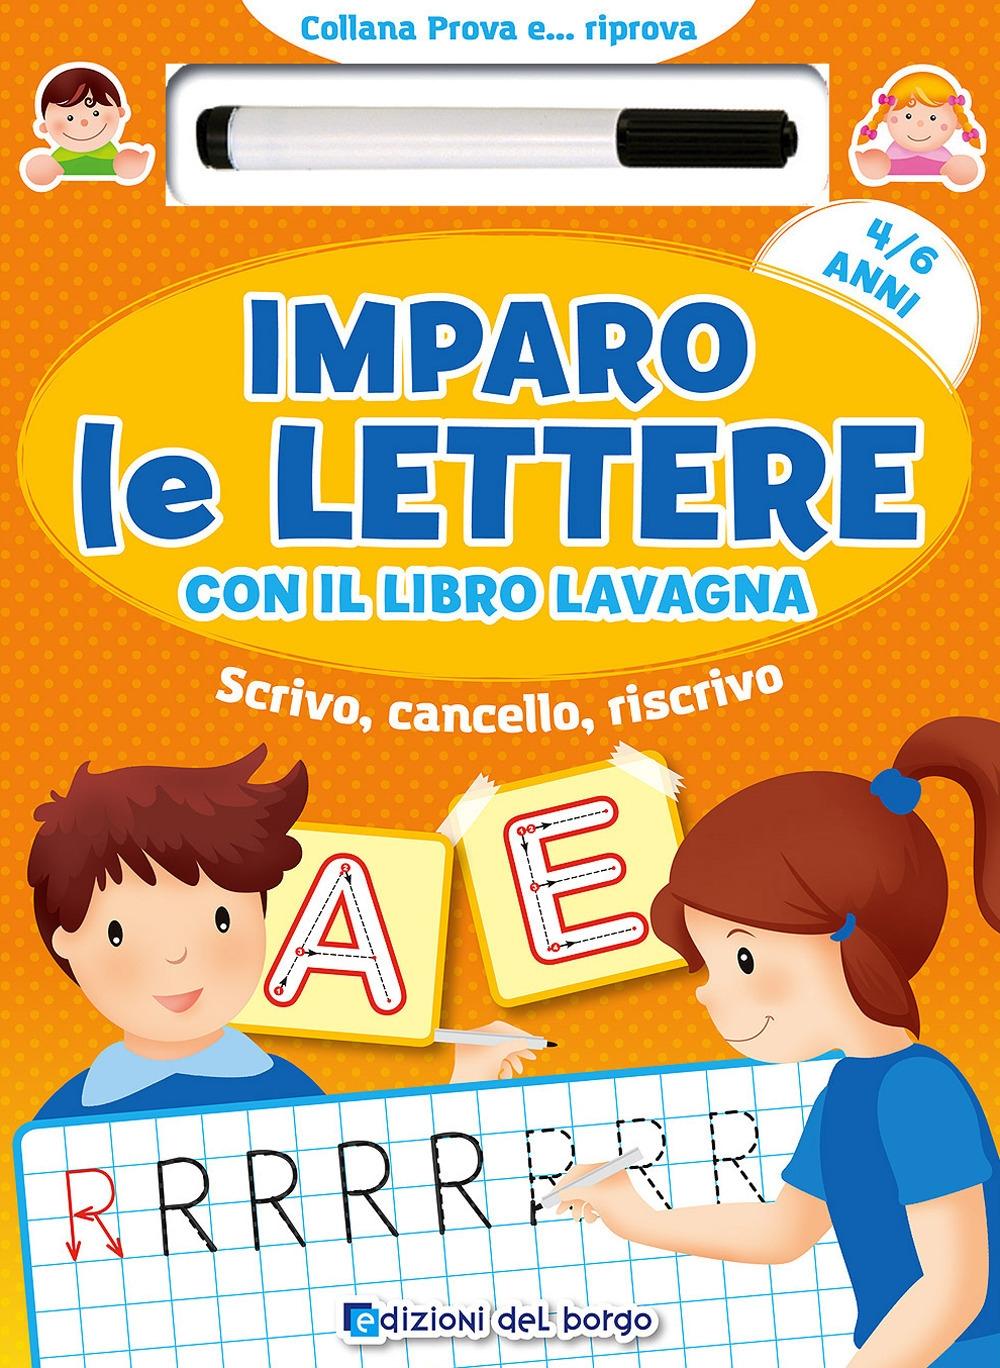 Imparo le lettere con il libro lavagna. Scrivo, cancello, riscrivo. 4-6 anni. Con pennarello con inchiostro a base d'acqua